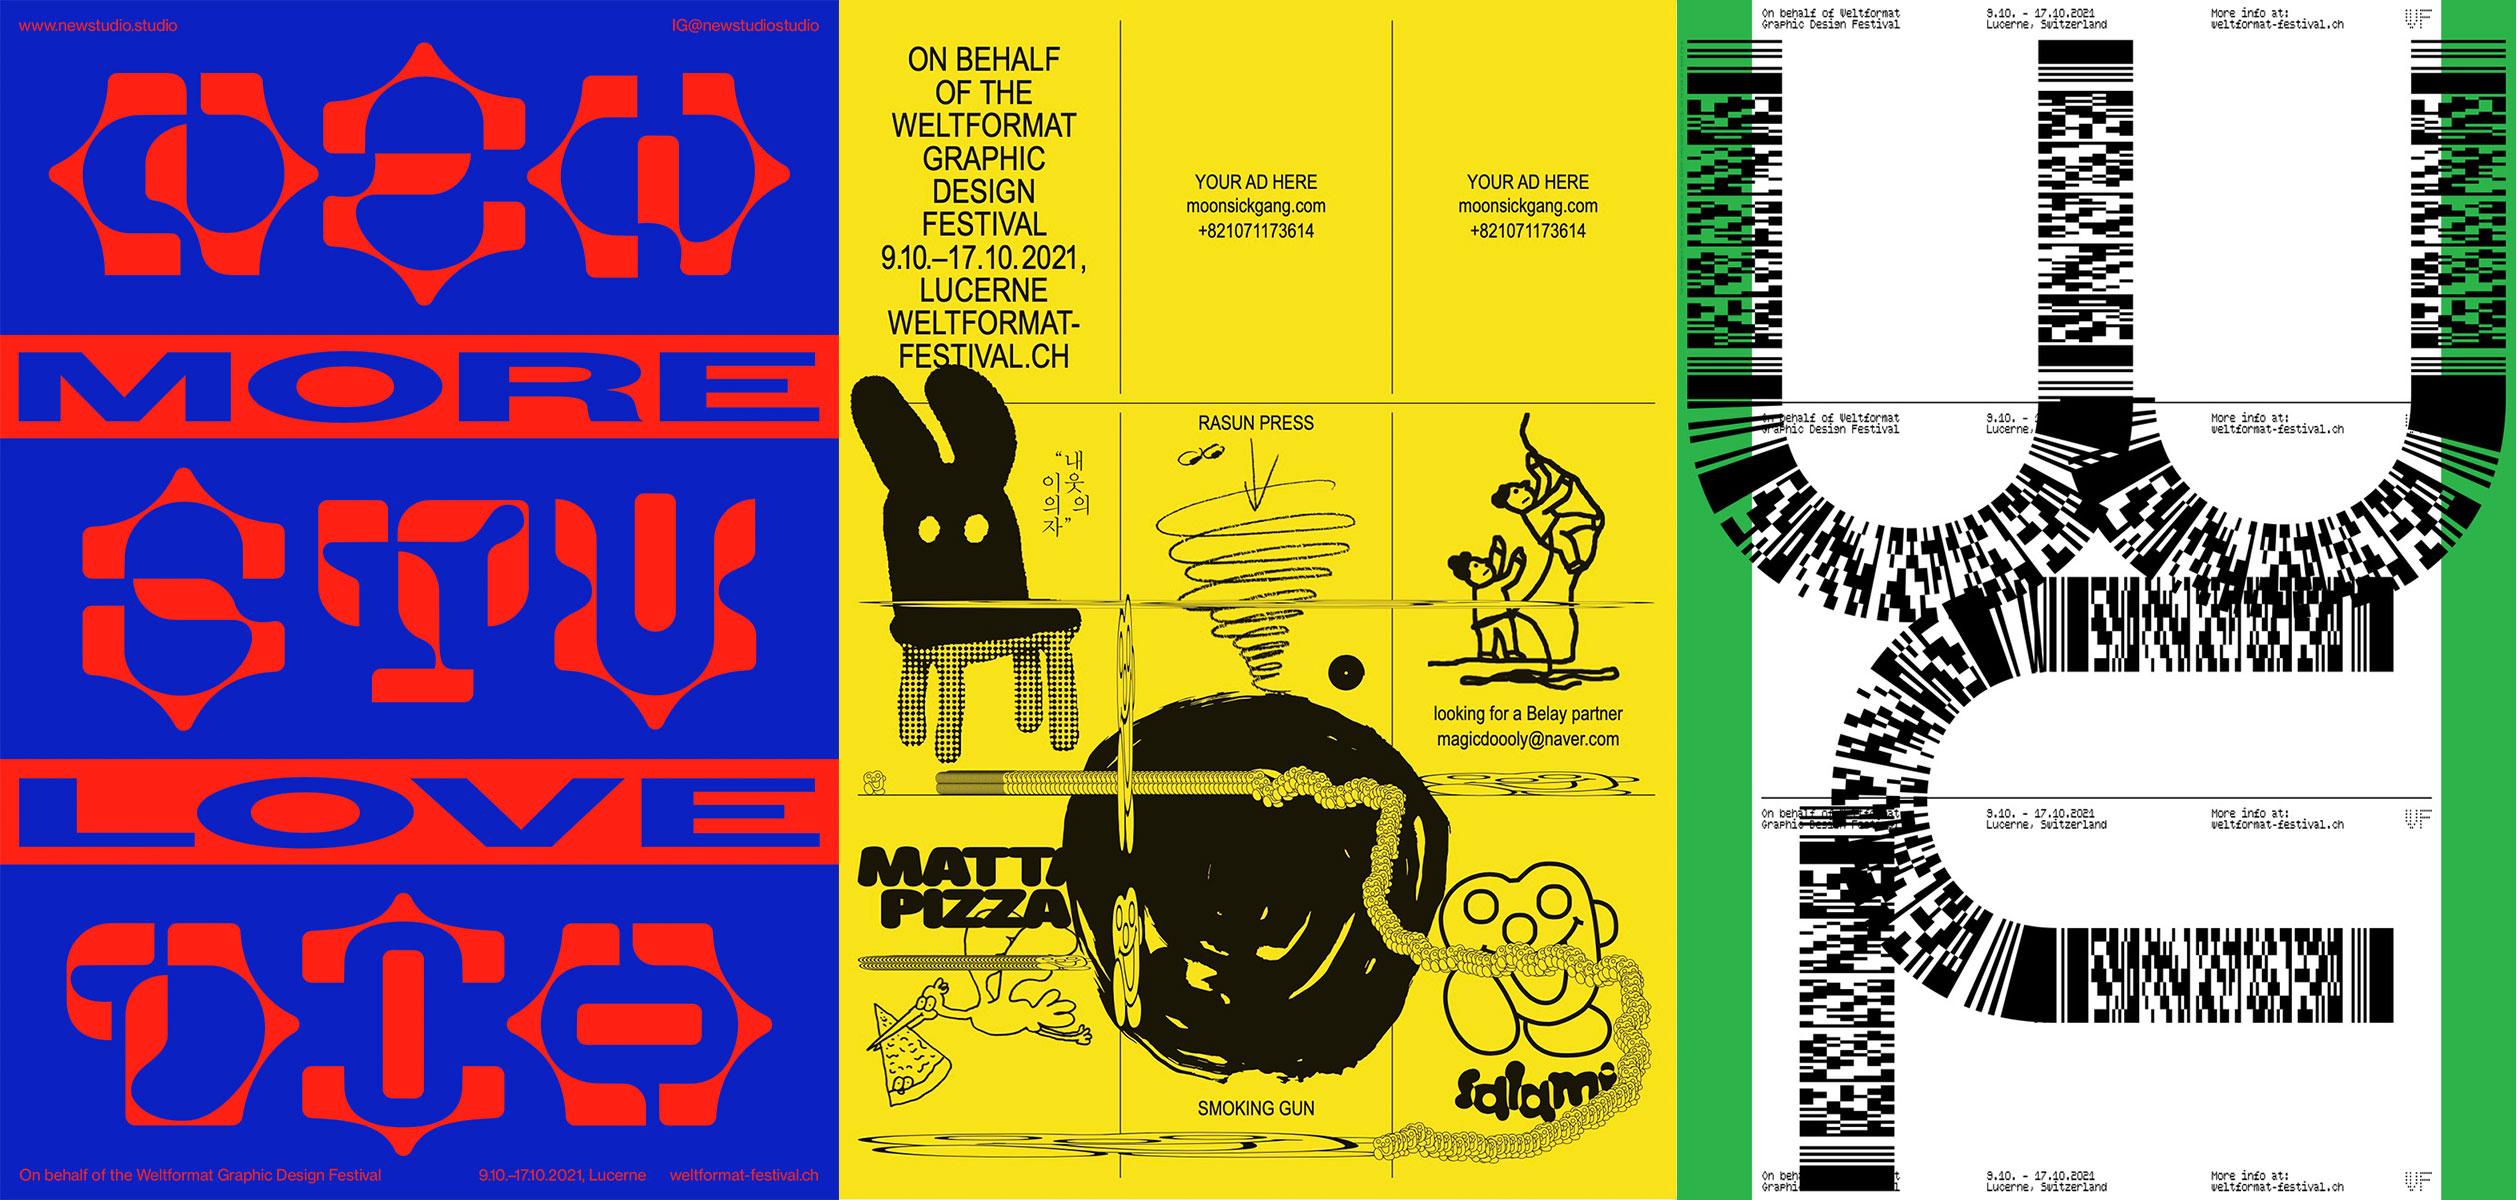 Jährlich stattfindendes Festival für Graphic Design